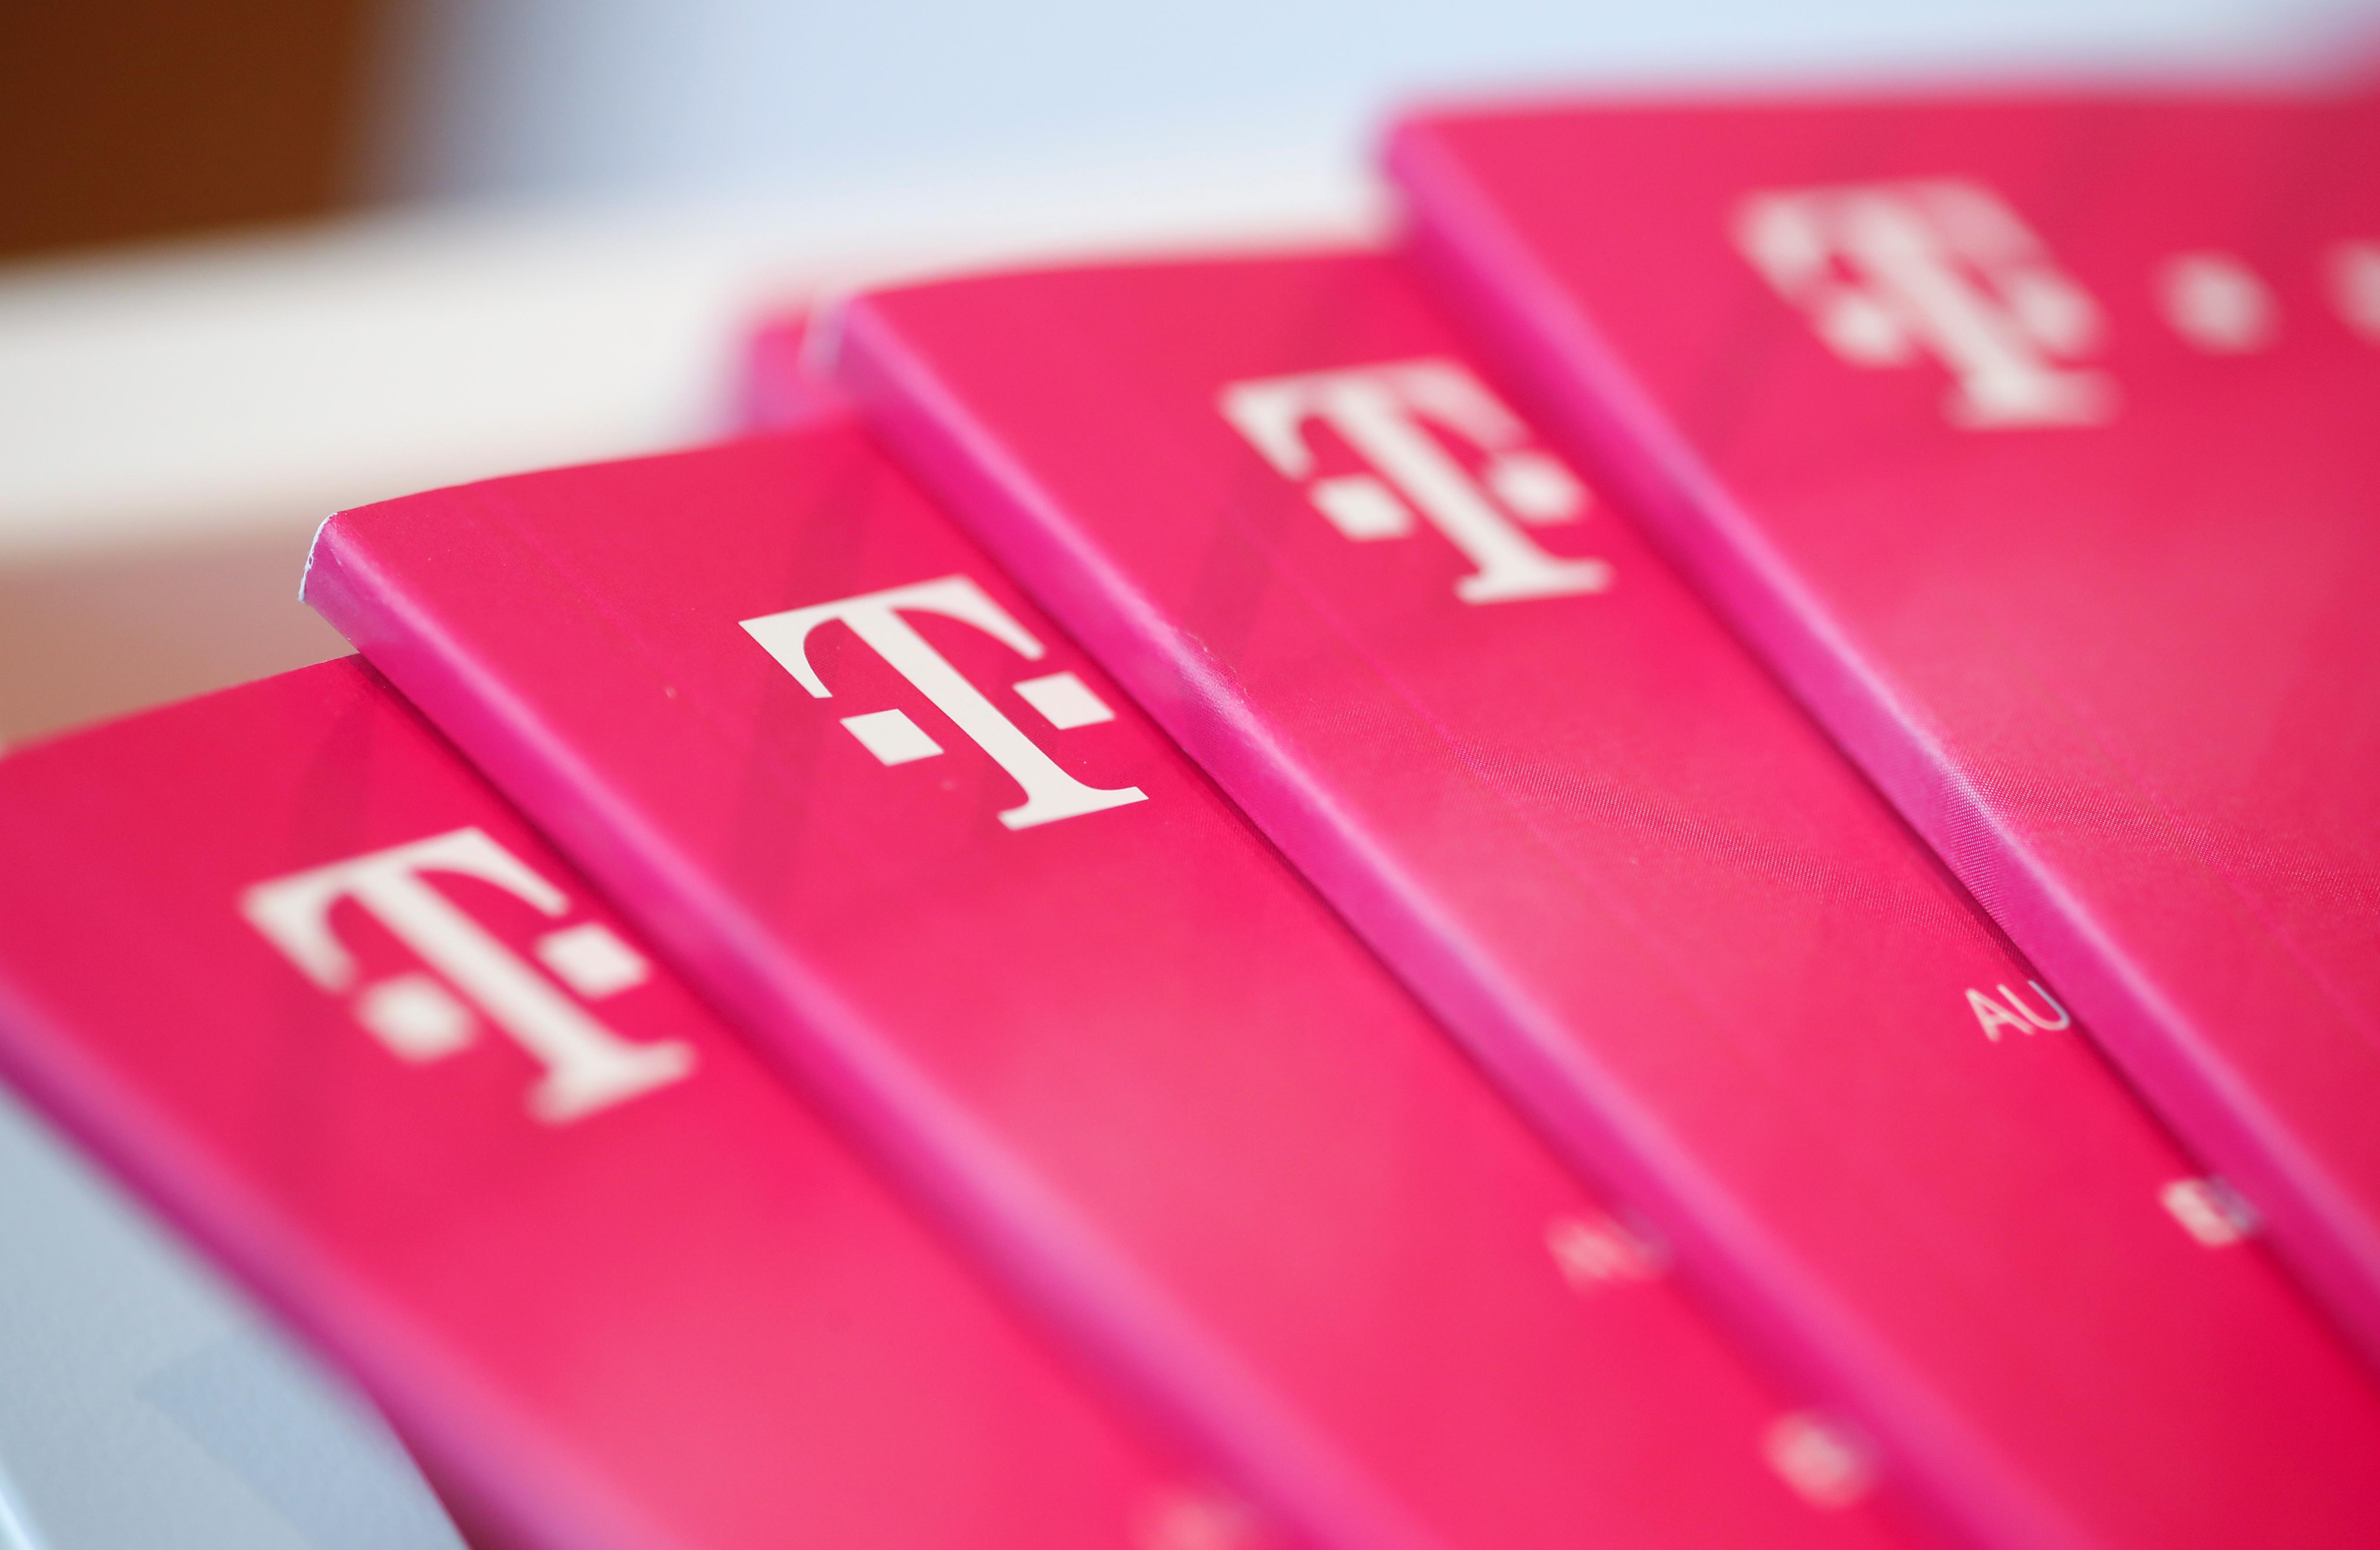 Le propriétaire de T-Mobile vise à devenir le numéro un américain